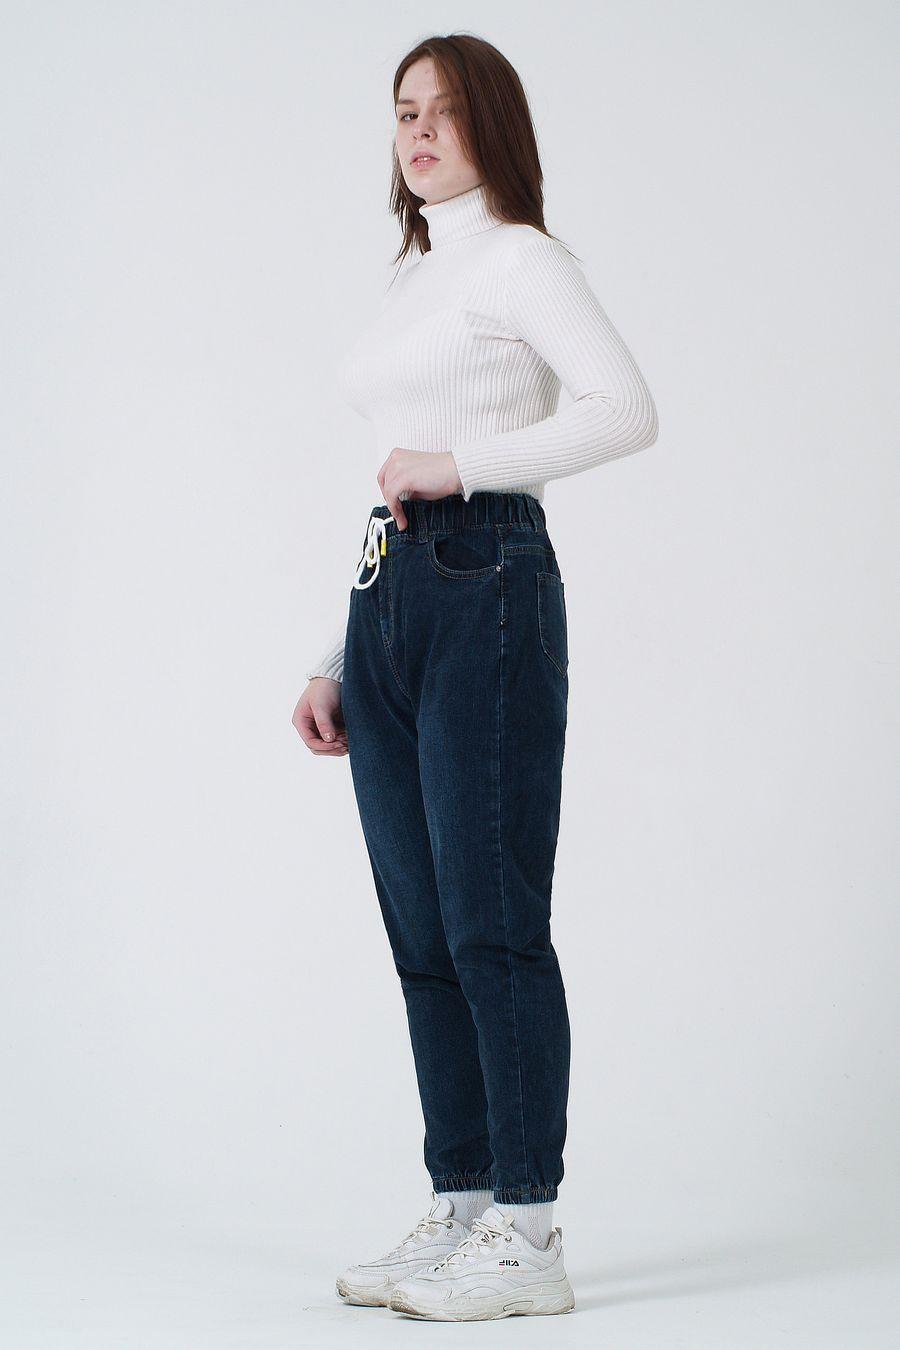 Джинсы женские K.Y Jeans 091 утепленные - фото 1